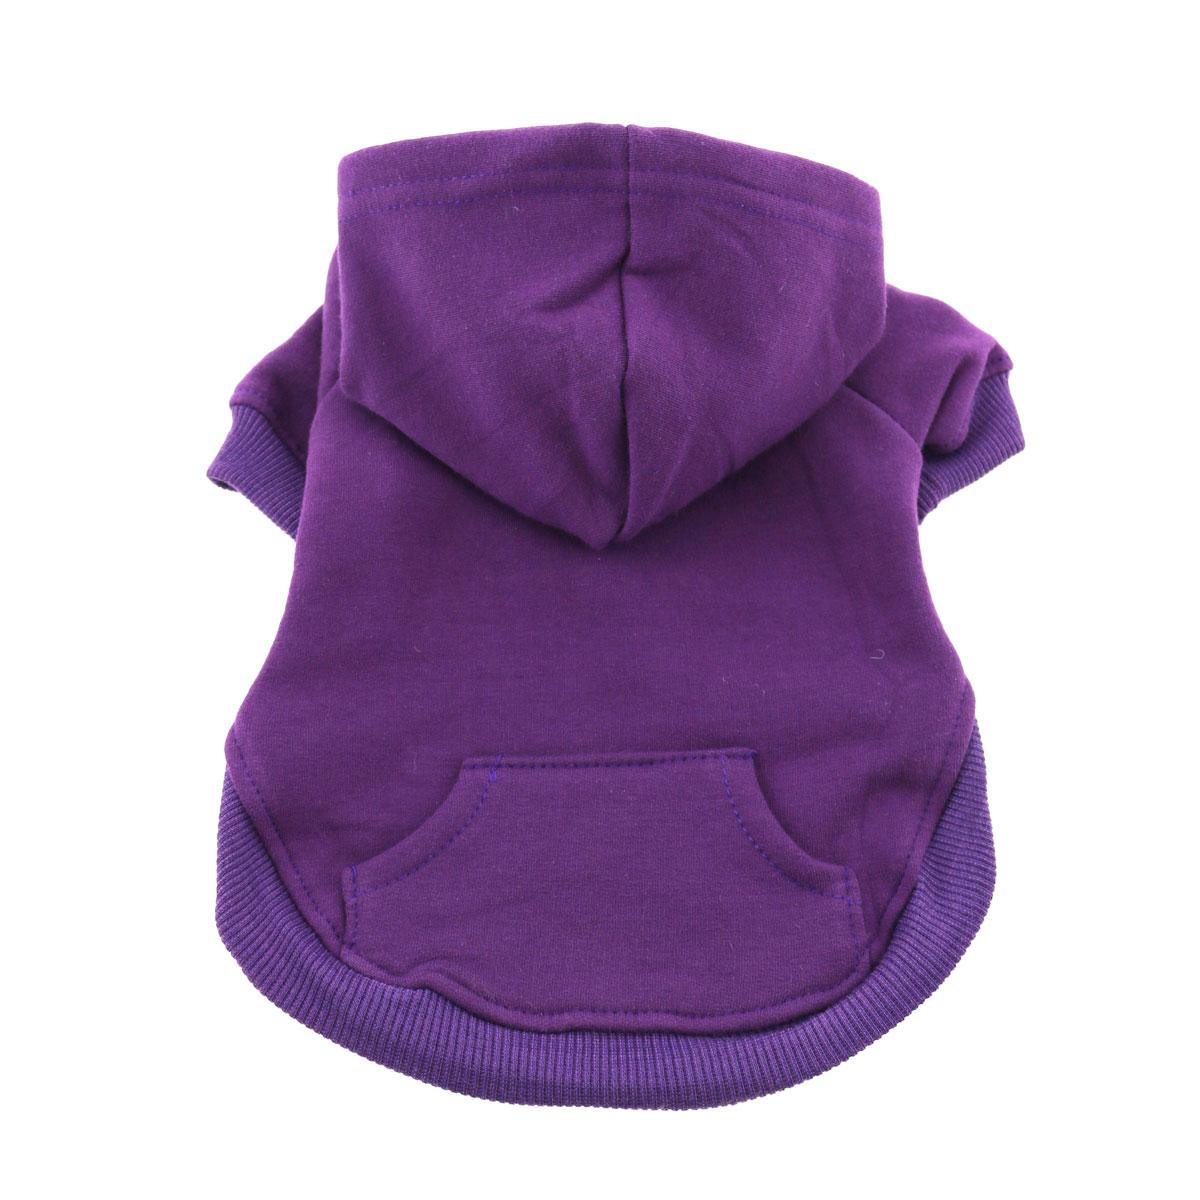 Flex-Fit Dog Hoodie by Doggie Design - Purple